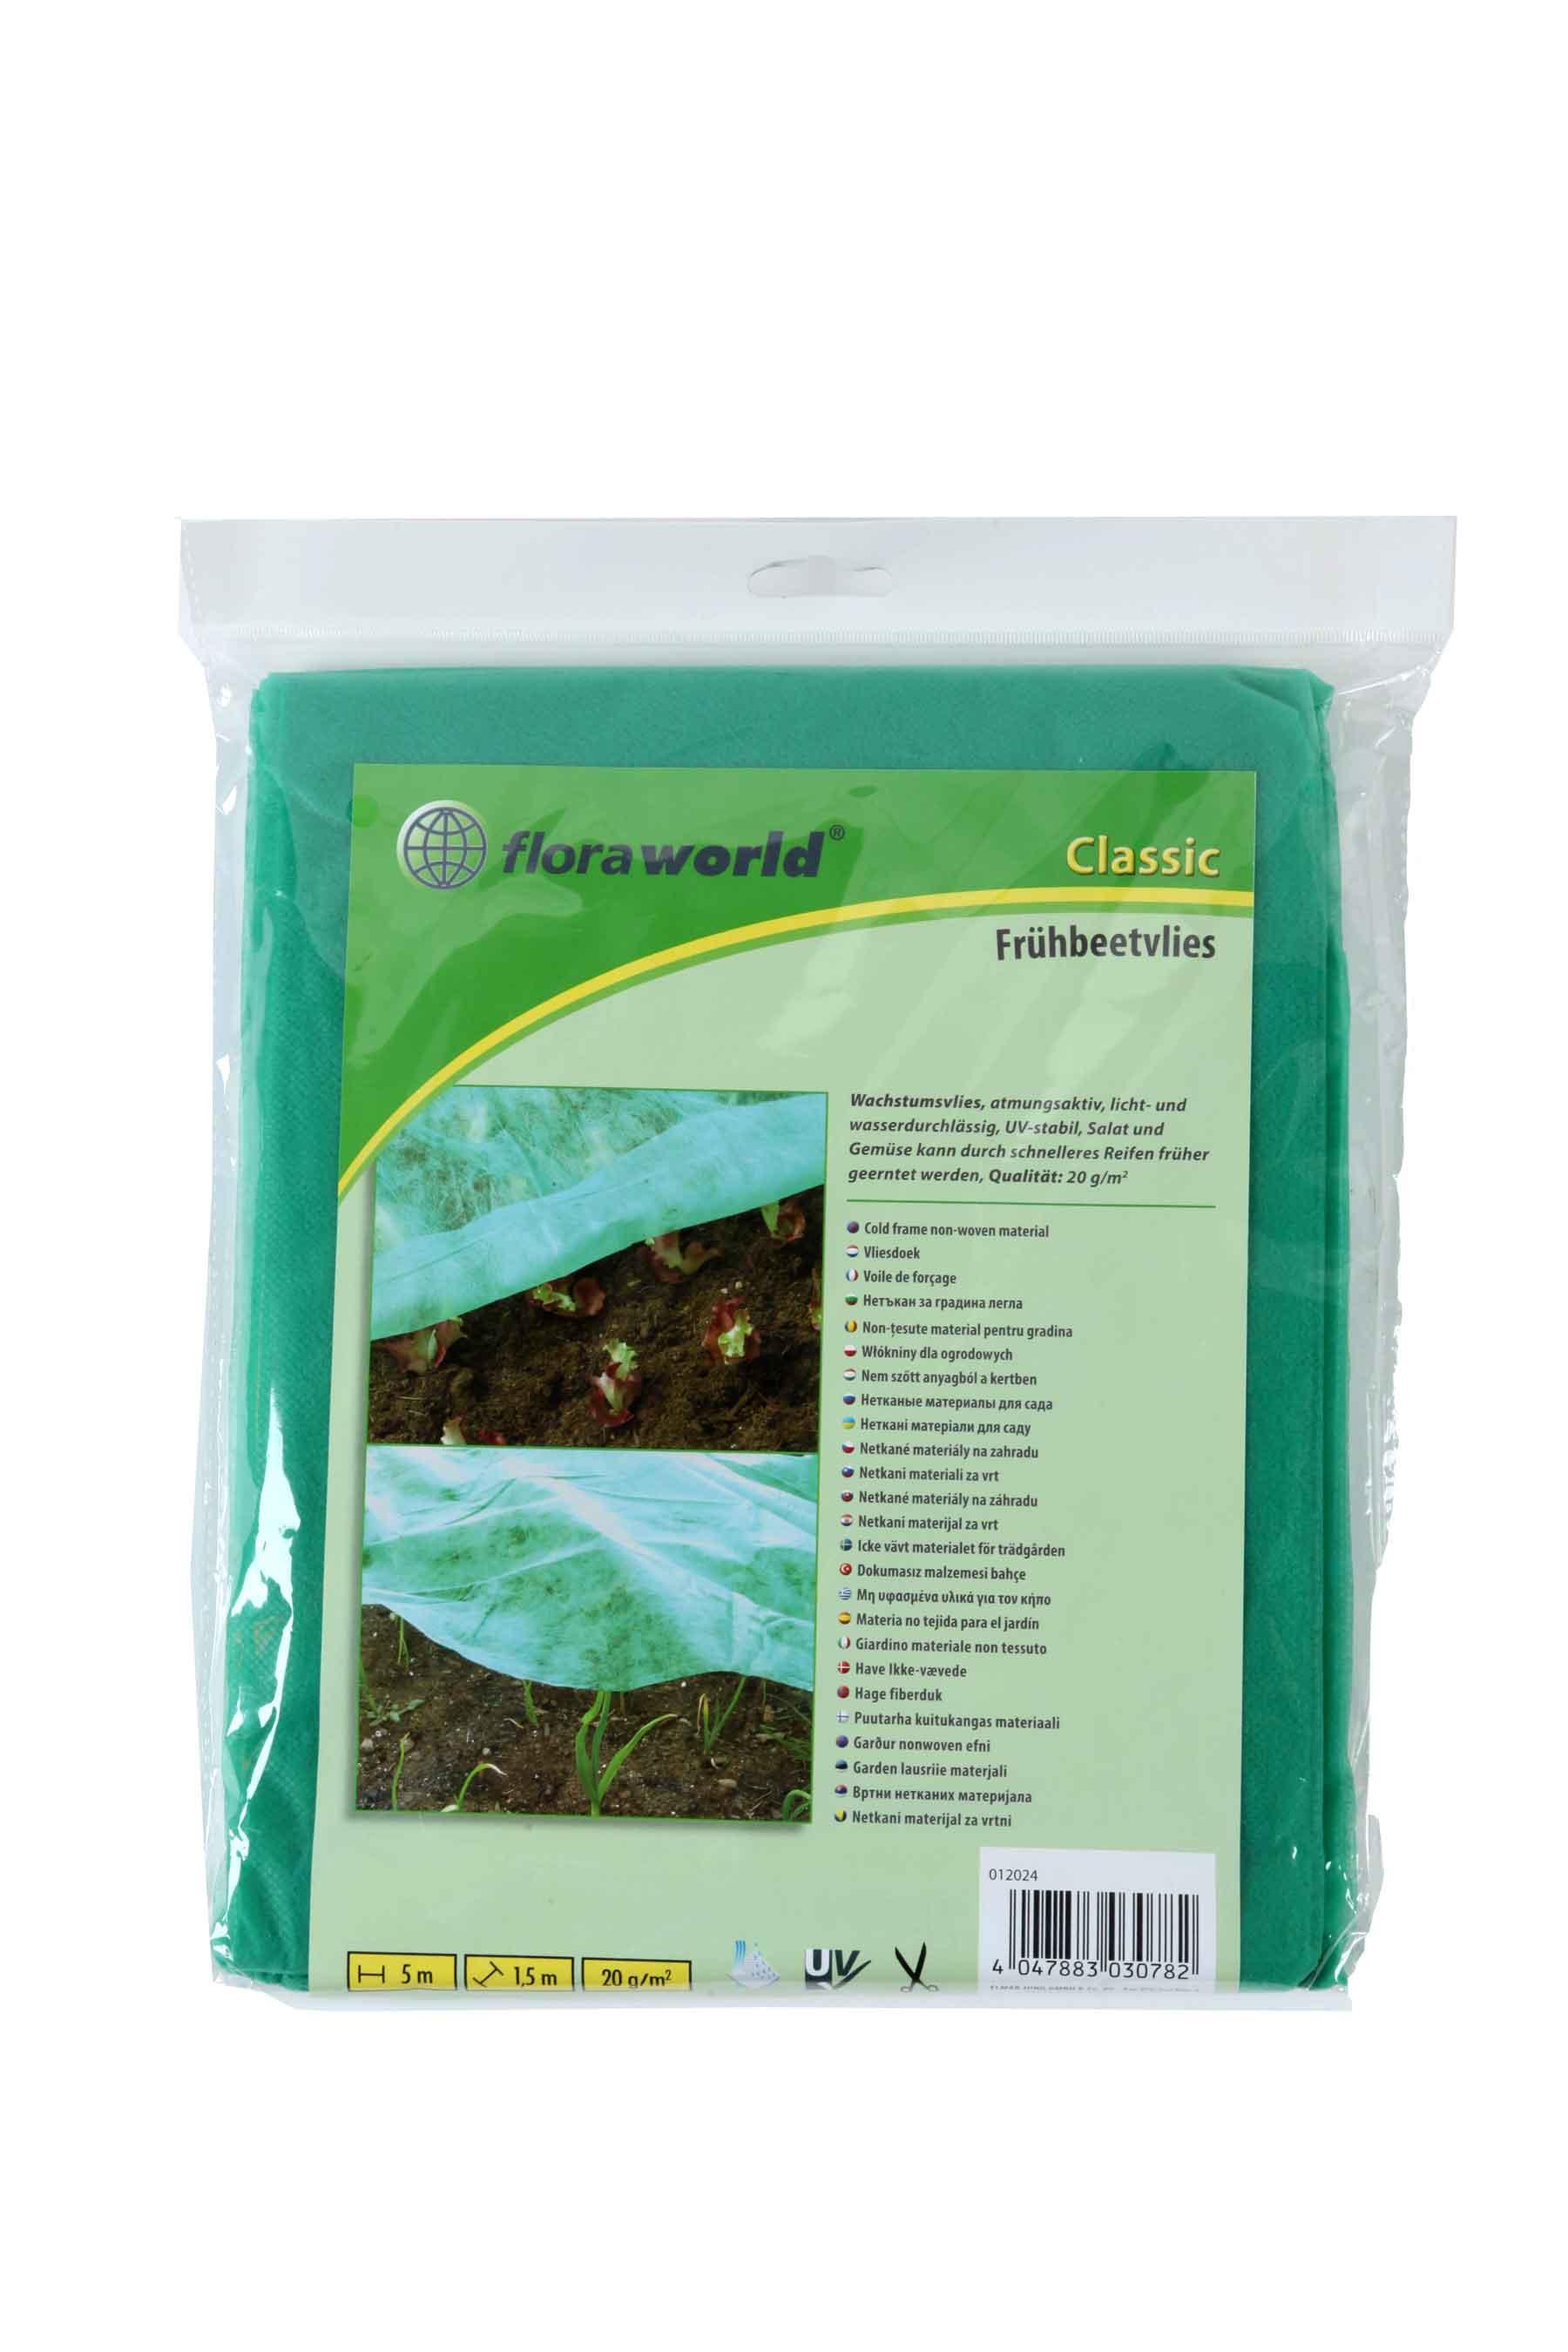 Frühbeetvlies / Wachstumsvlies classic floraworld 5x1,5m grün Bild 1